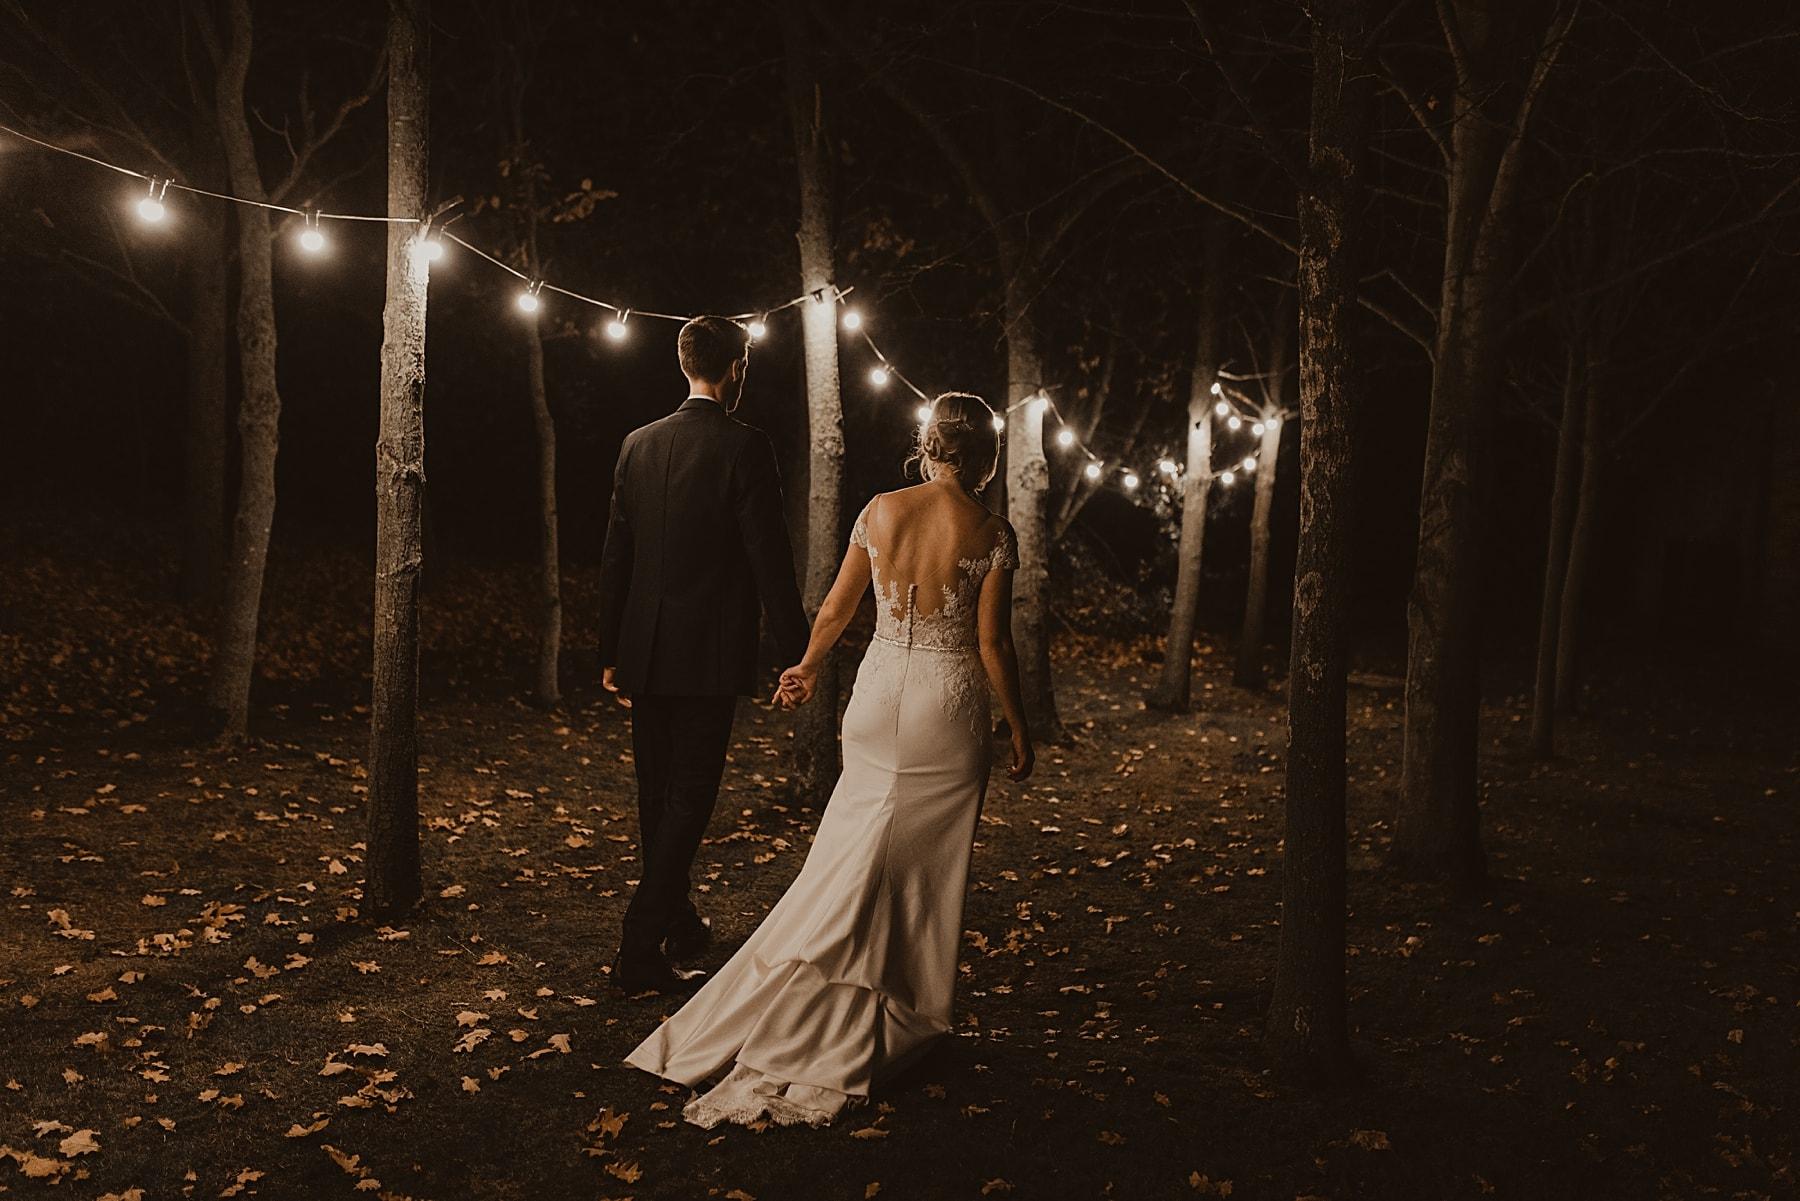 bride and groom walking through woods